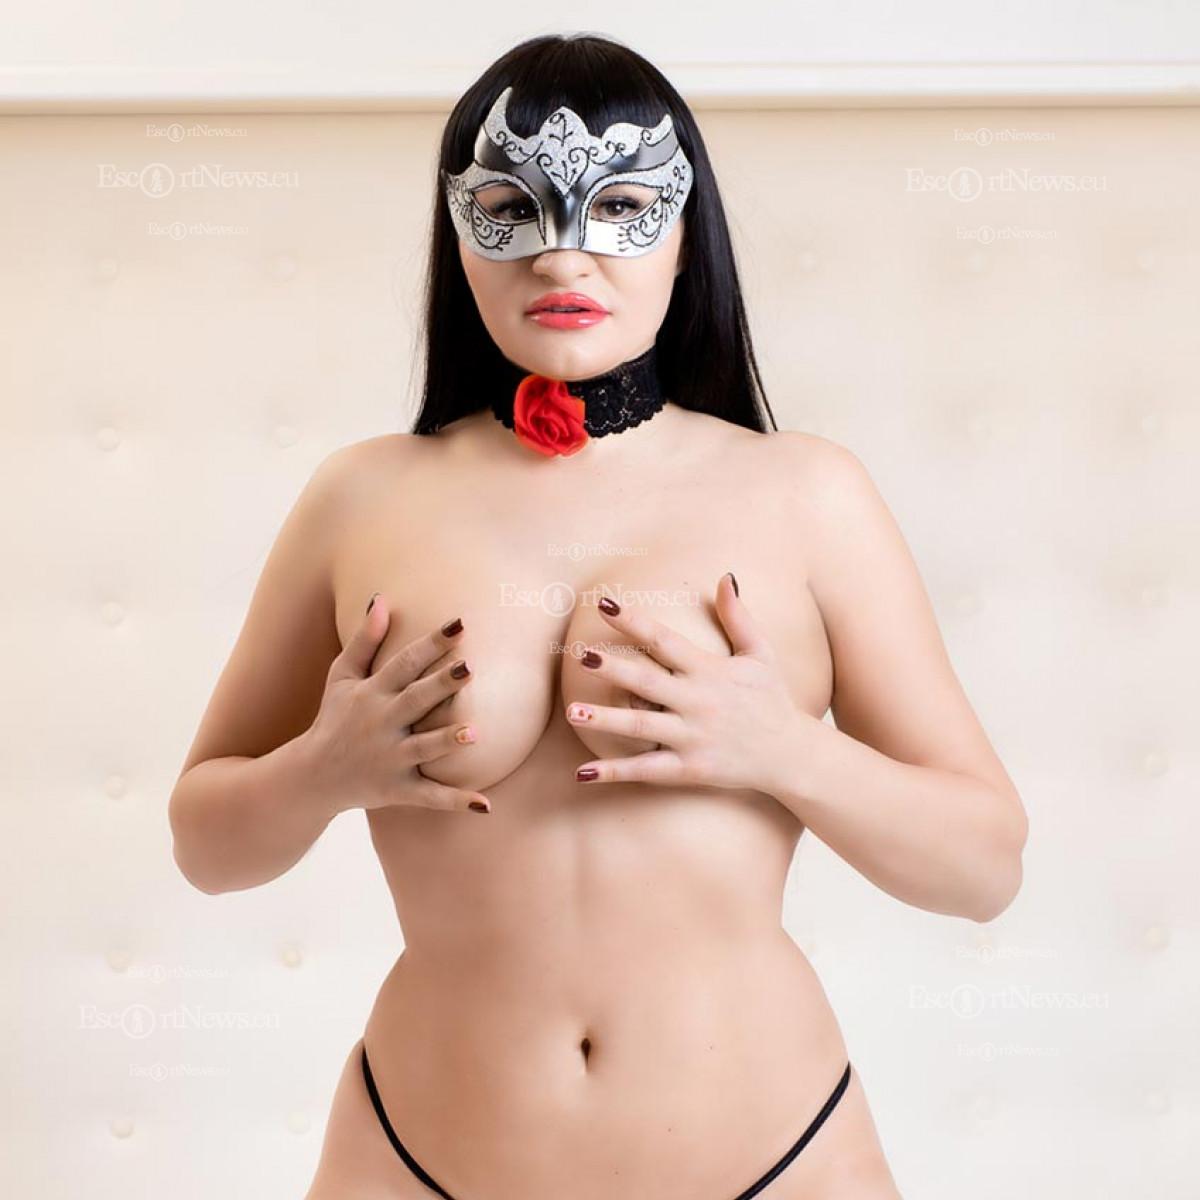 κορίτσι πρώτο πρωκτικό σεξ βίντεο